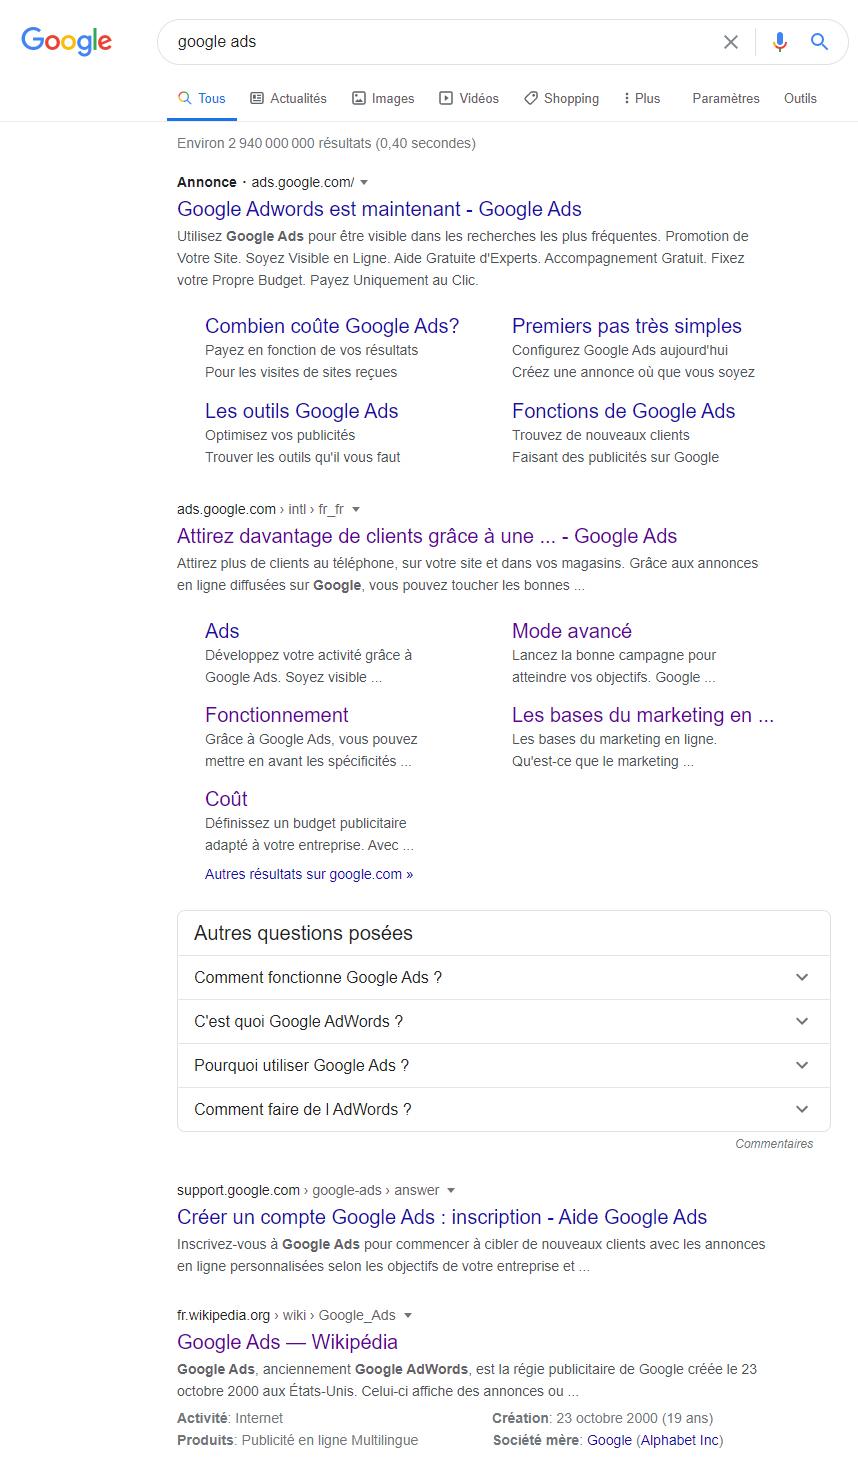 Résultats de recherche pour Google Ads